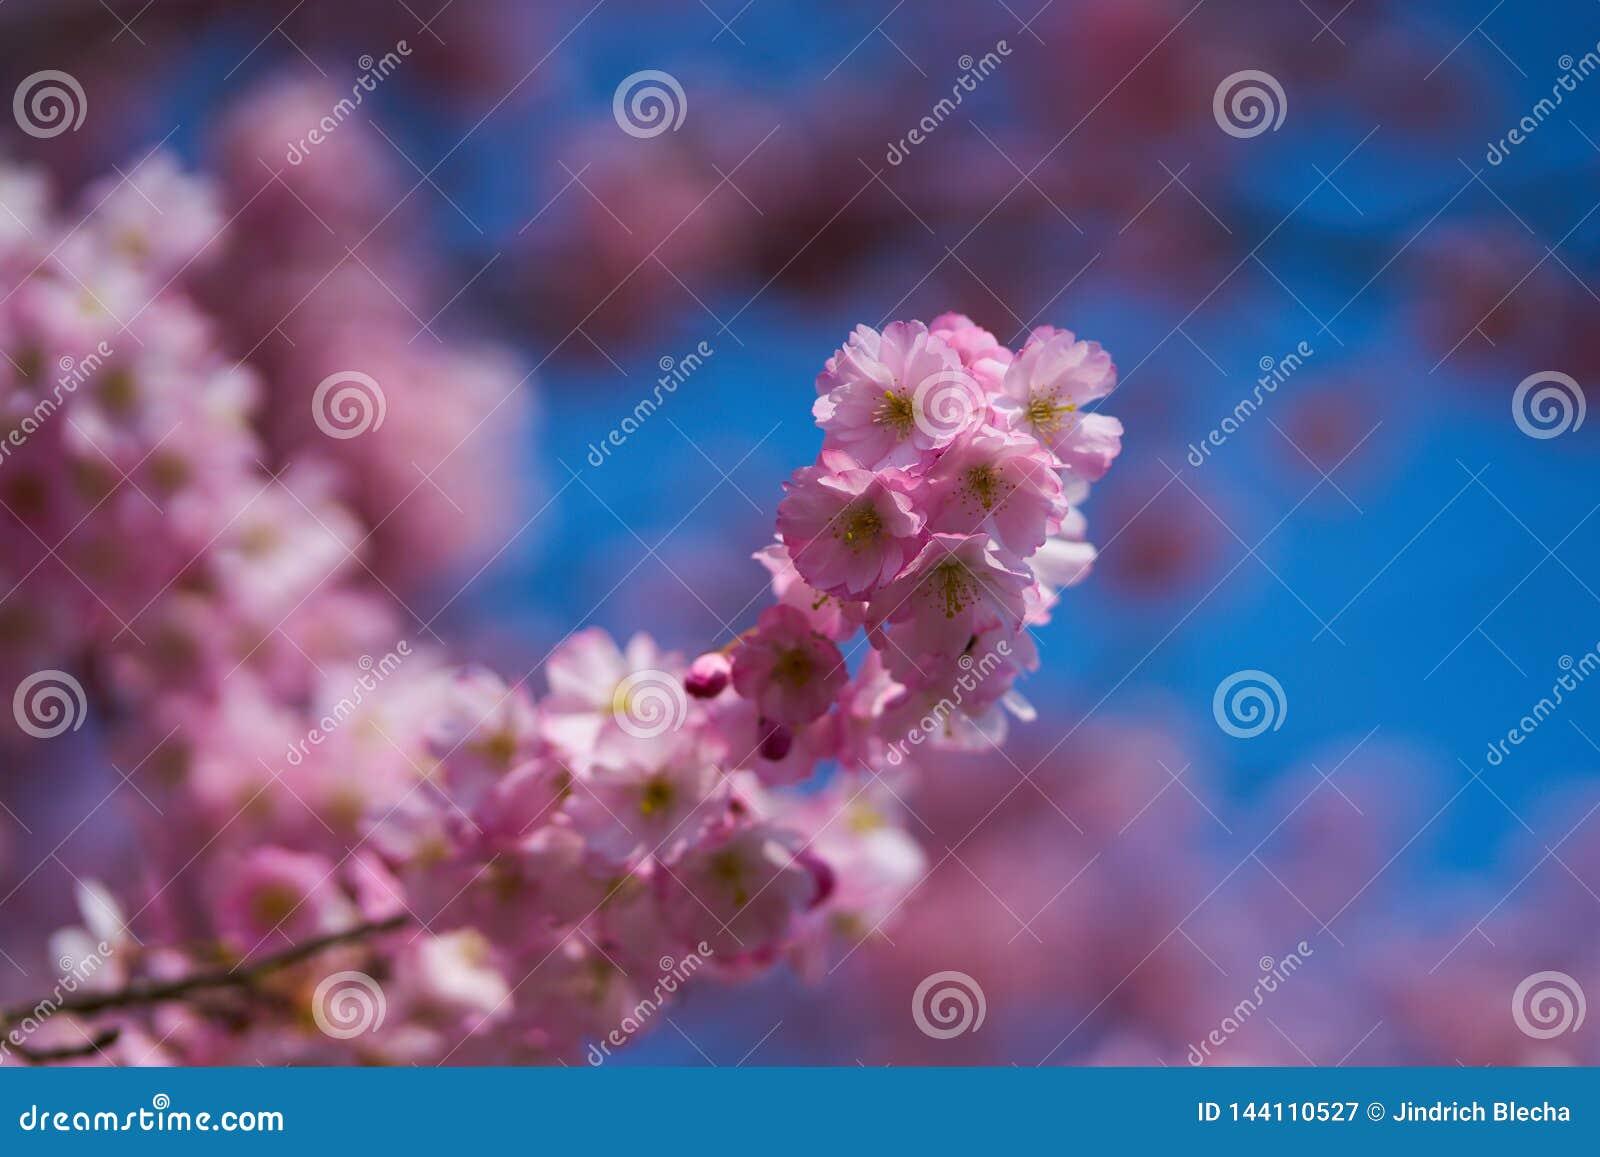 Sakuras in Blossom